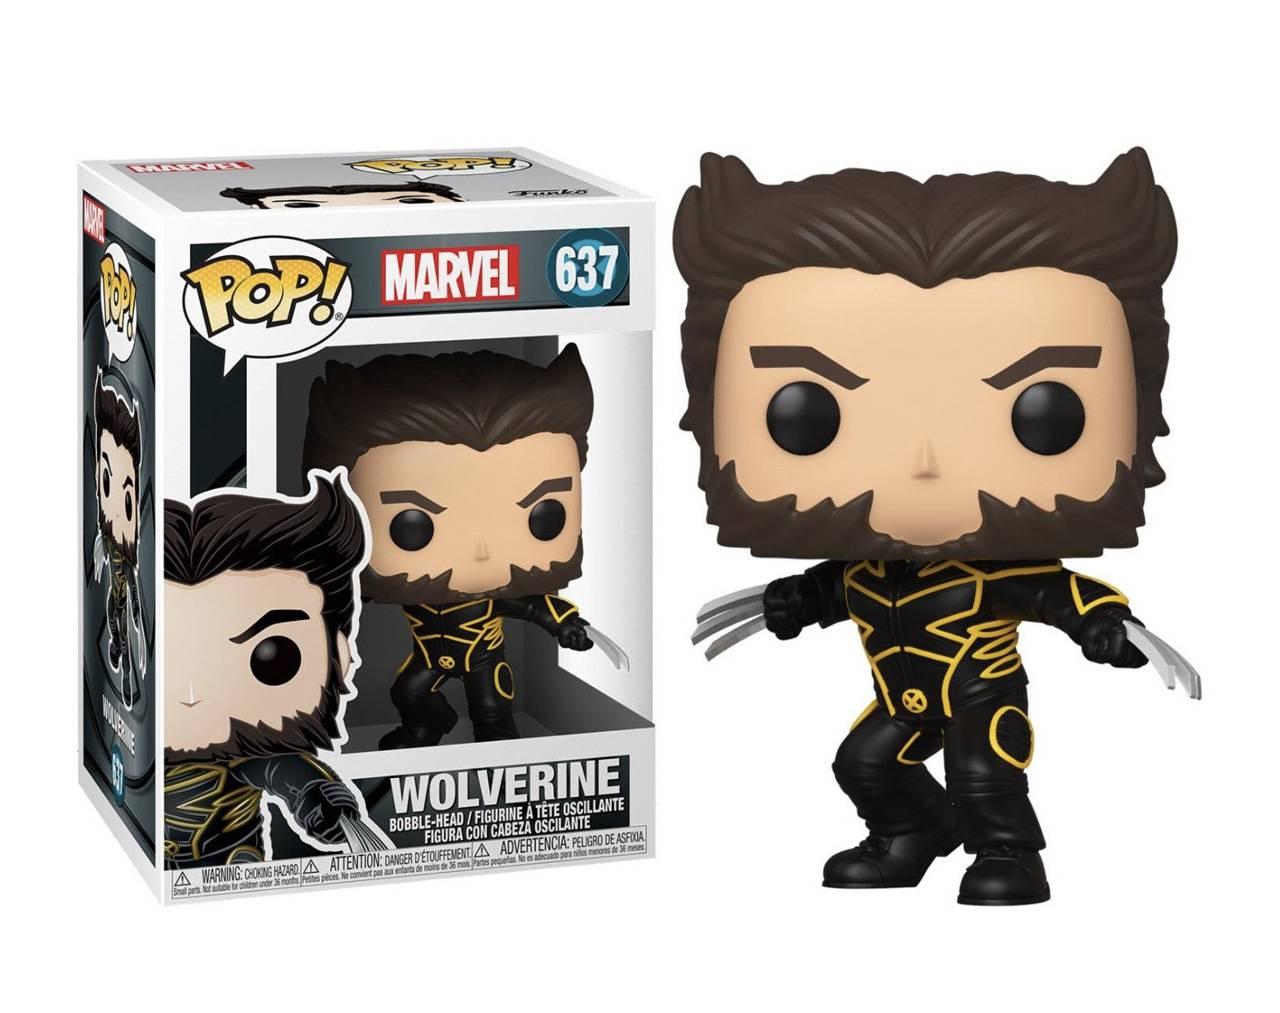 Wolverine Pop! Vinyl